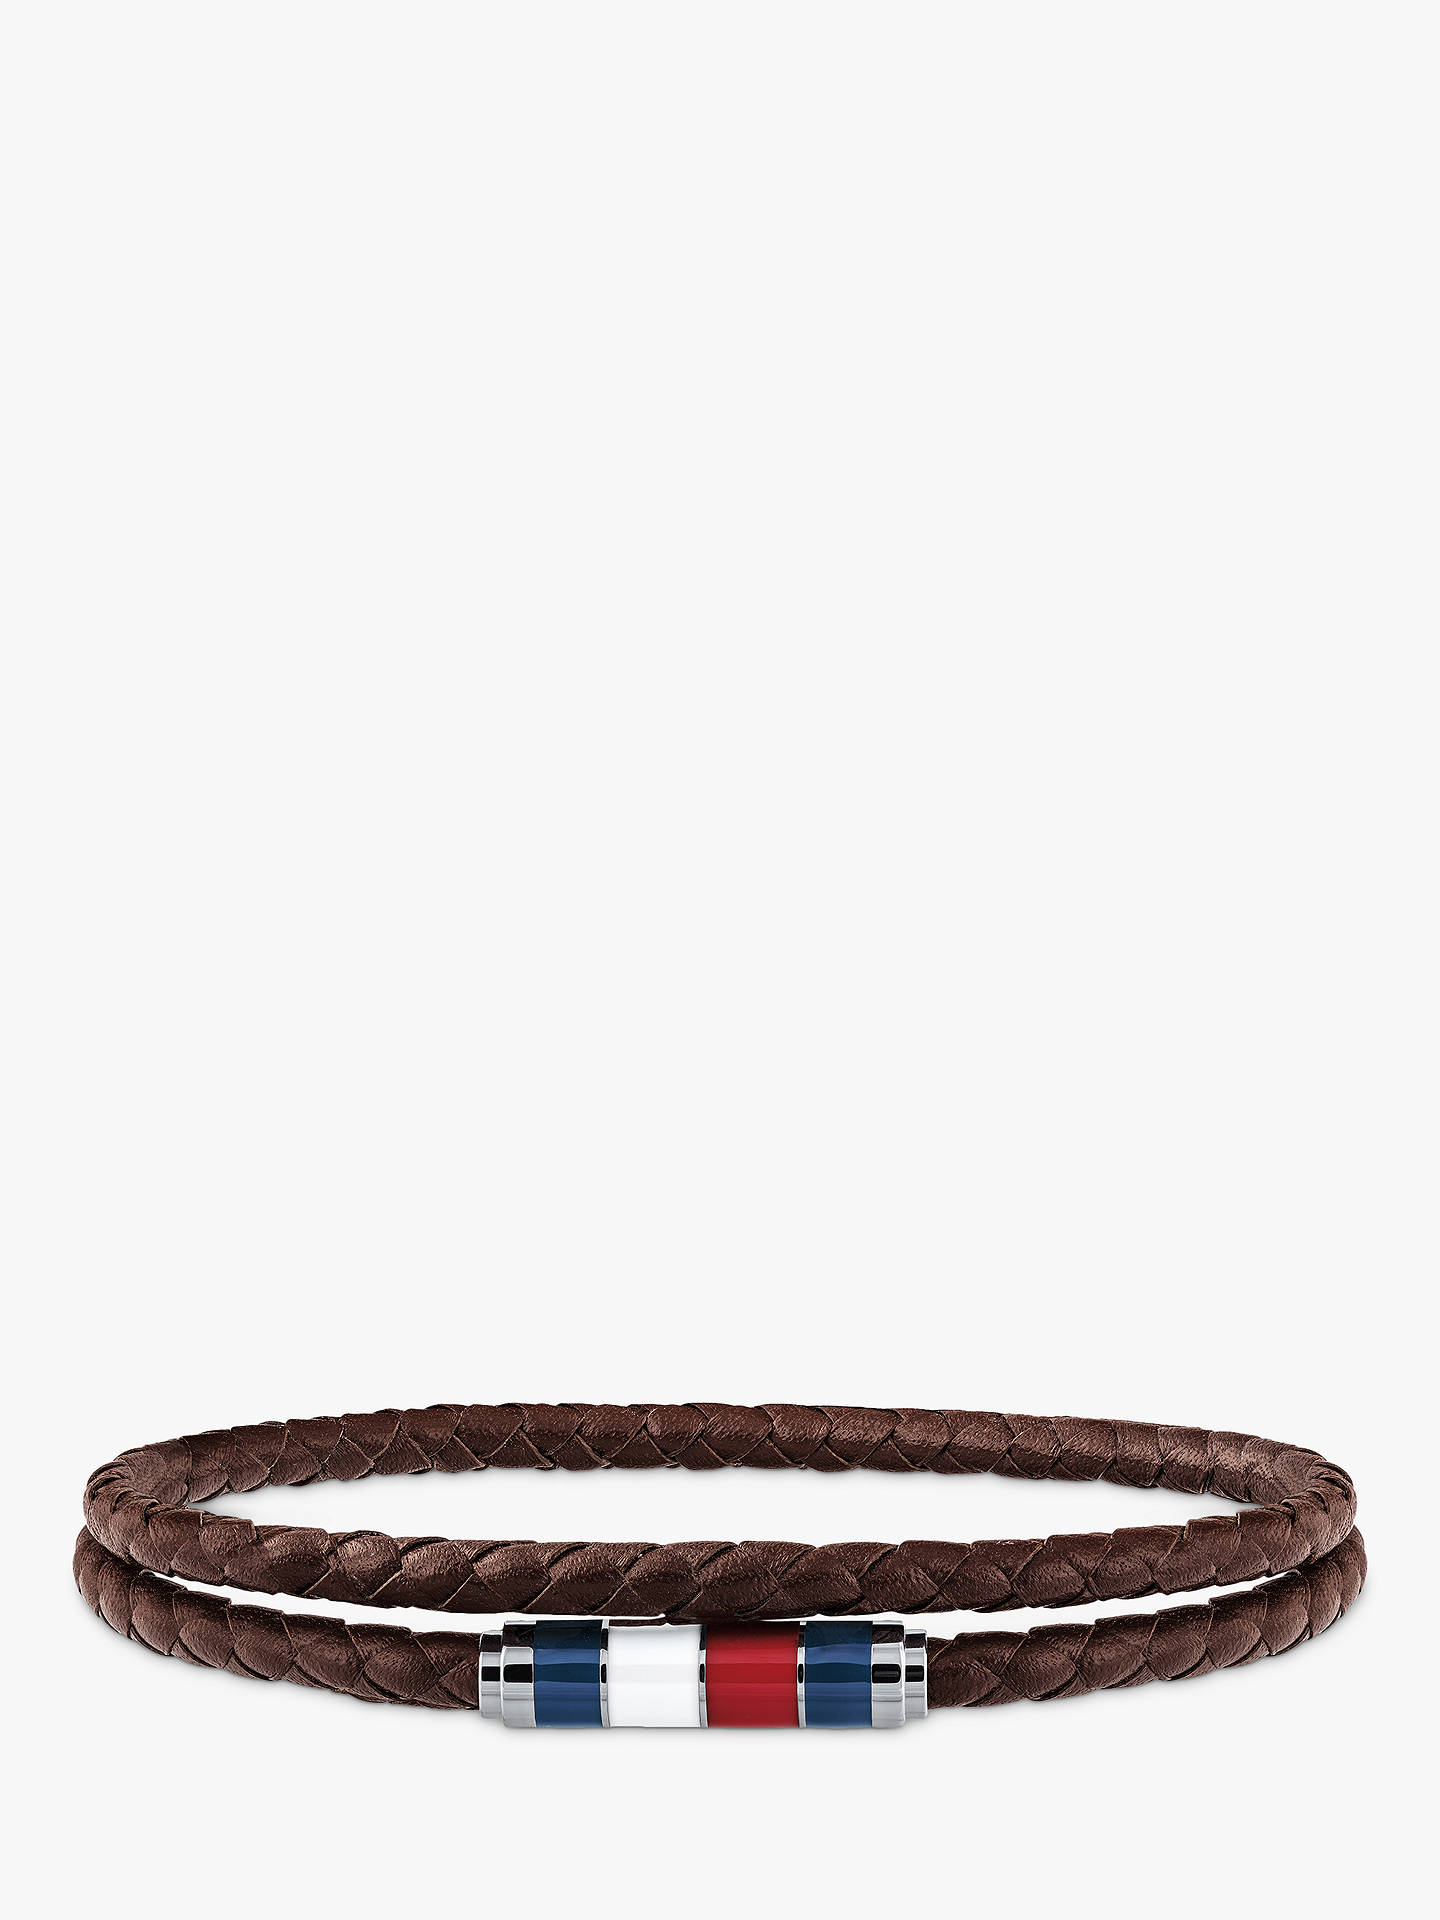 9a711e7a3ccf8 Tommy Hilfiger Men's Double Leather Bracelet, Silver/Brown